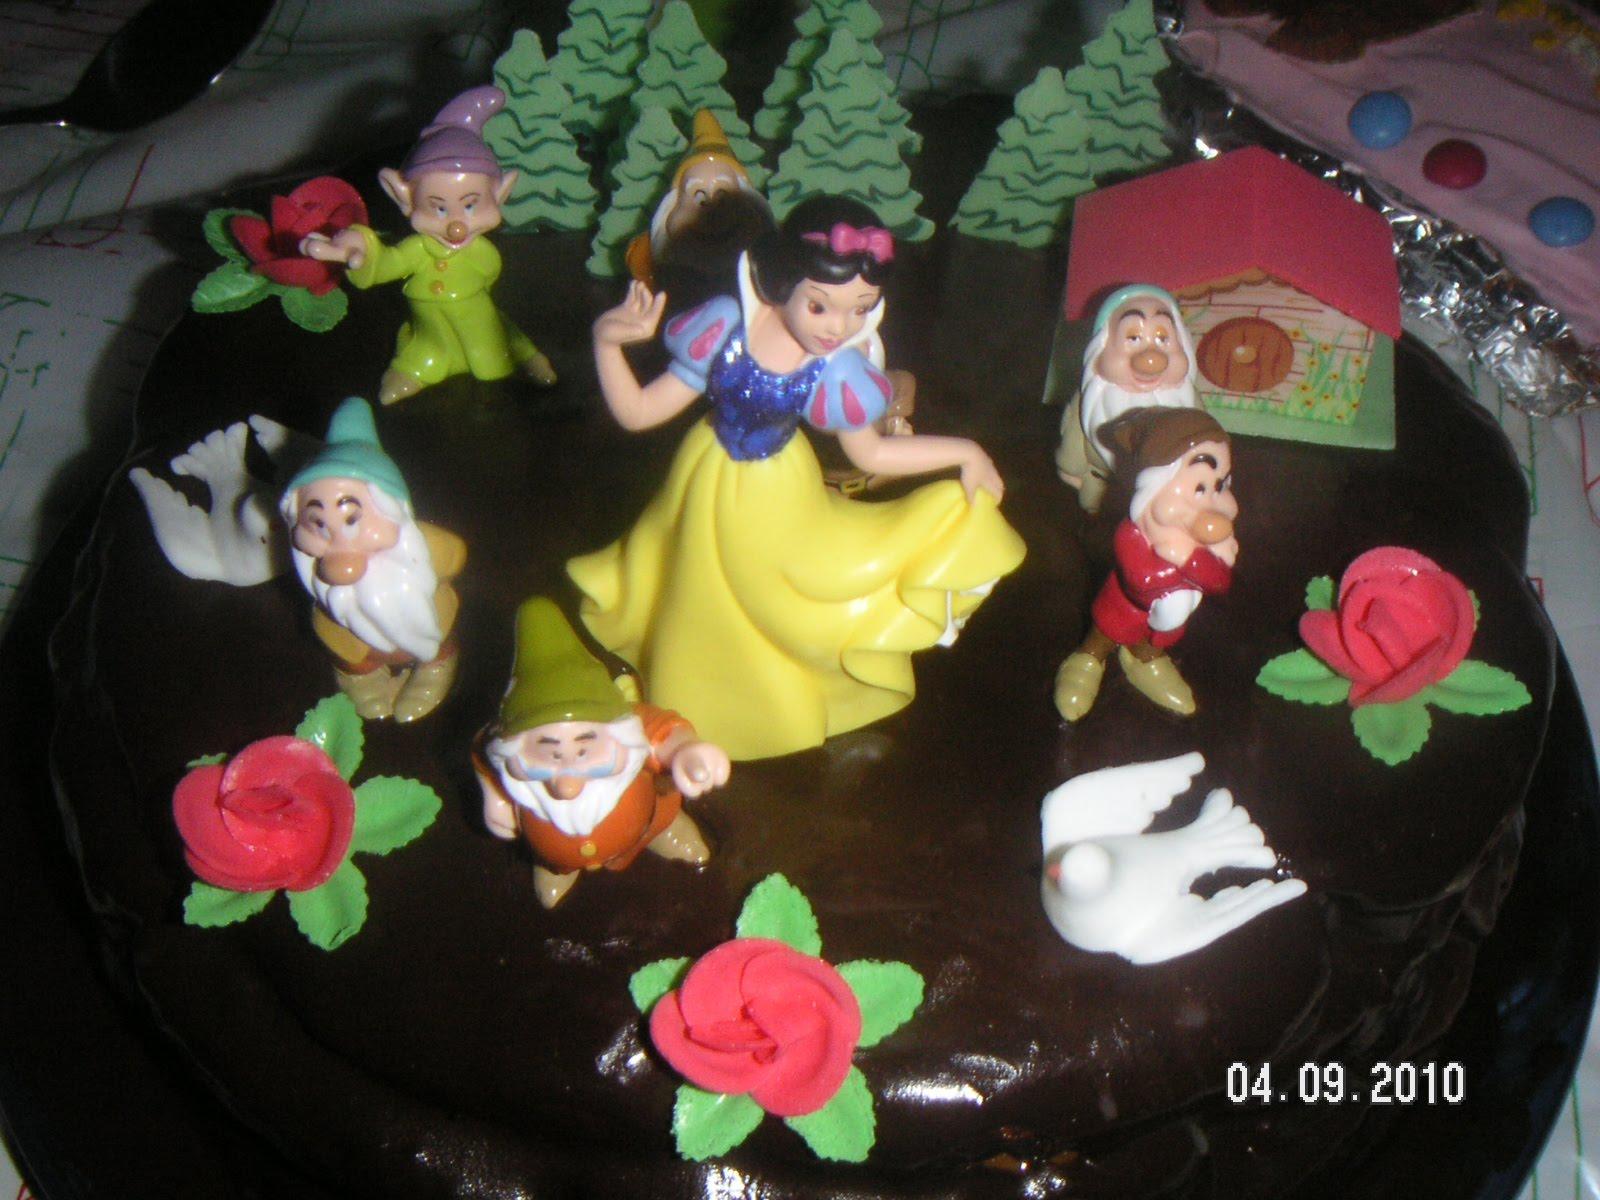 26 niños pidiendo tarta de Blancanieves, sí toda una locura